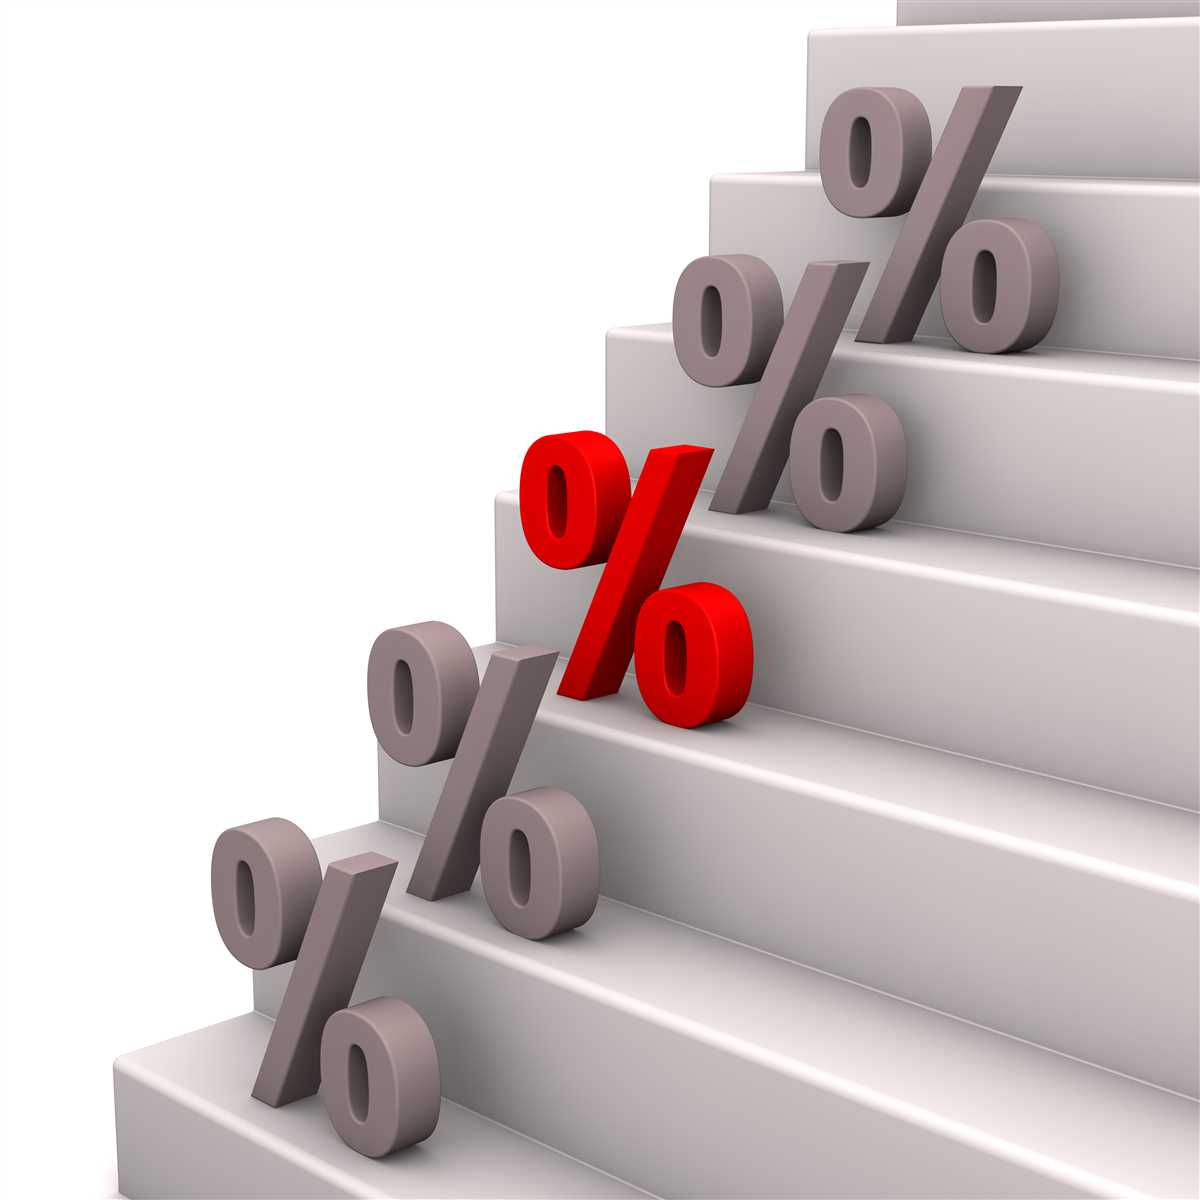 Borse: la Fed porta a zero i tassi Usa